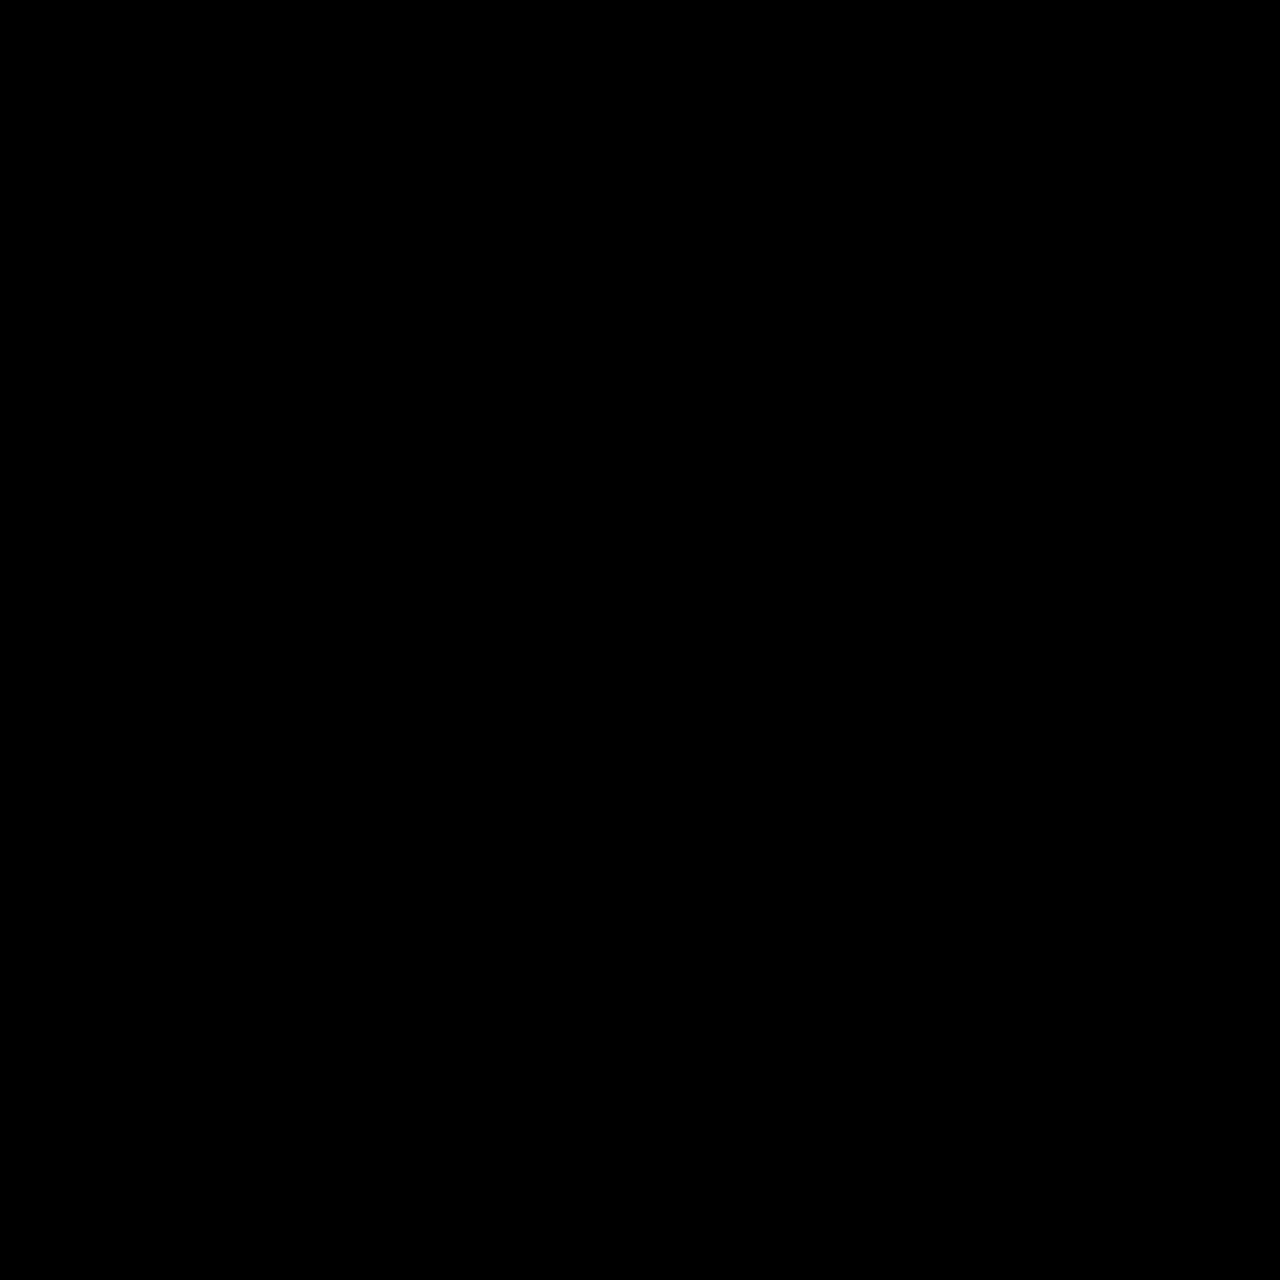 Křížové šroubováky